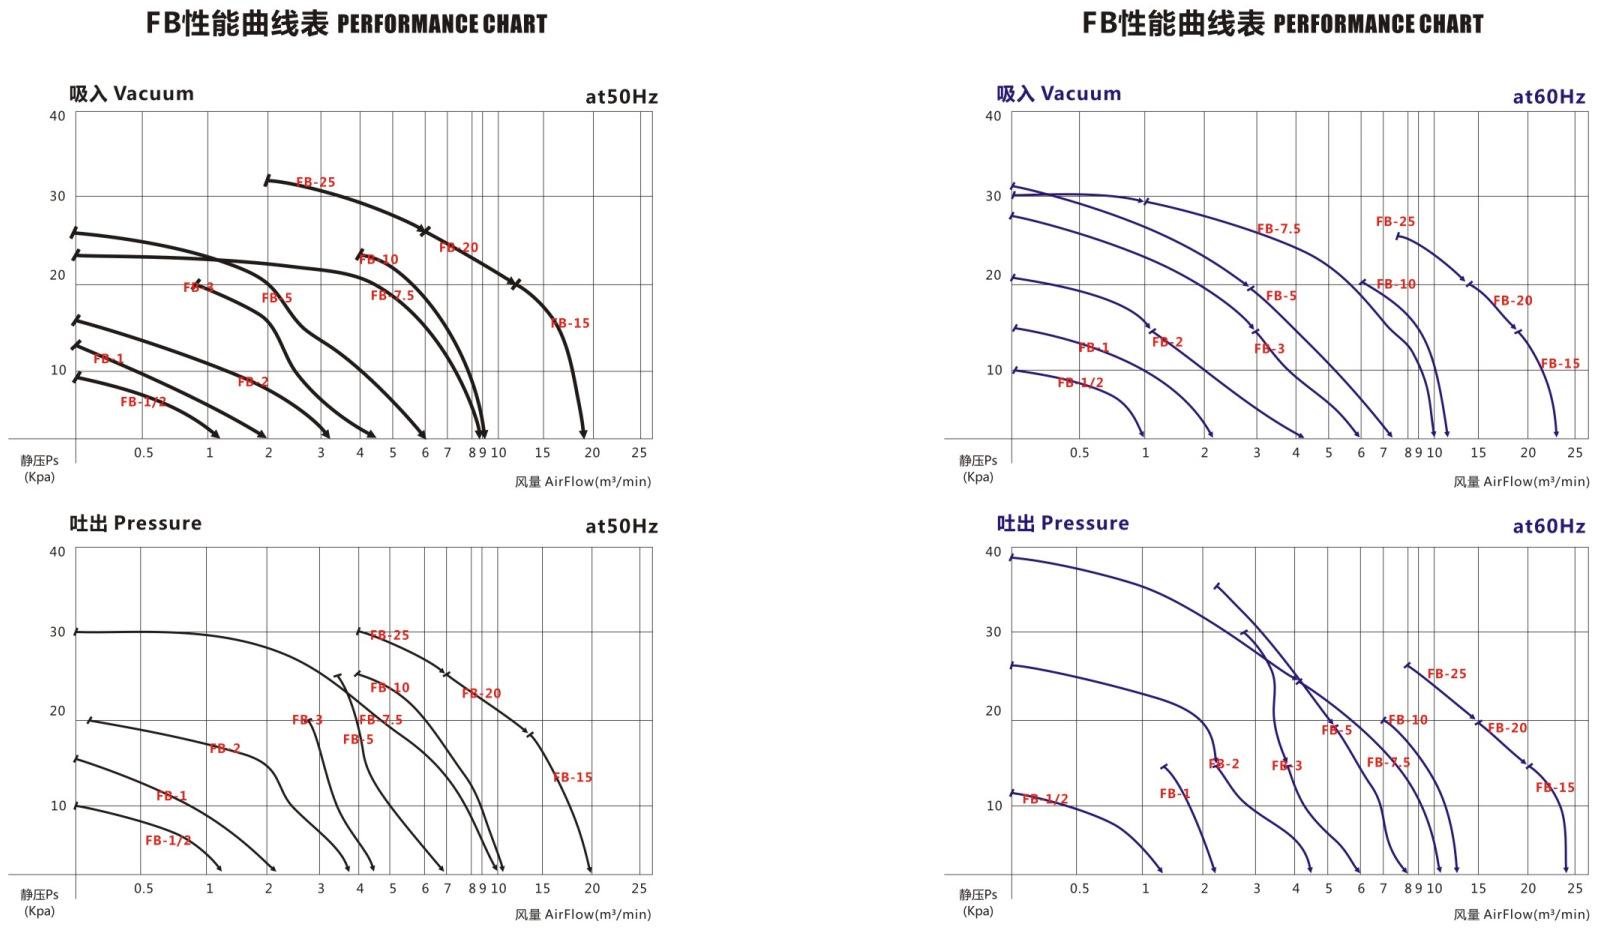 变频防爆高压鼓风机380v 环形防爆鼓风机 小型<strong><strong>工业防爆环形风机</strong></strong>示例图3